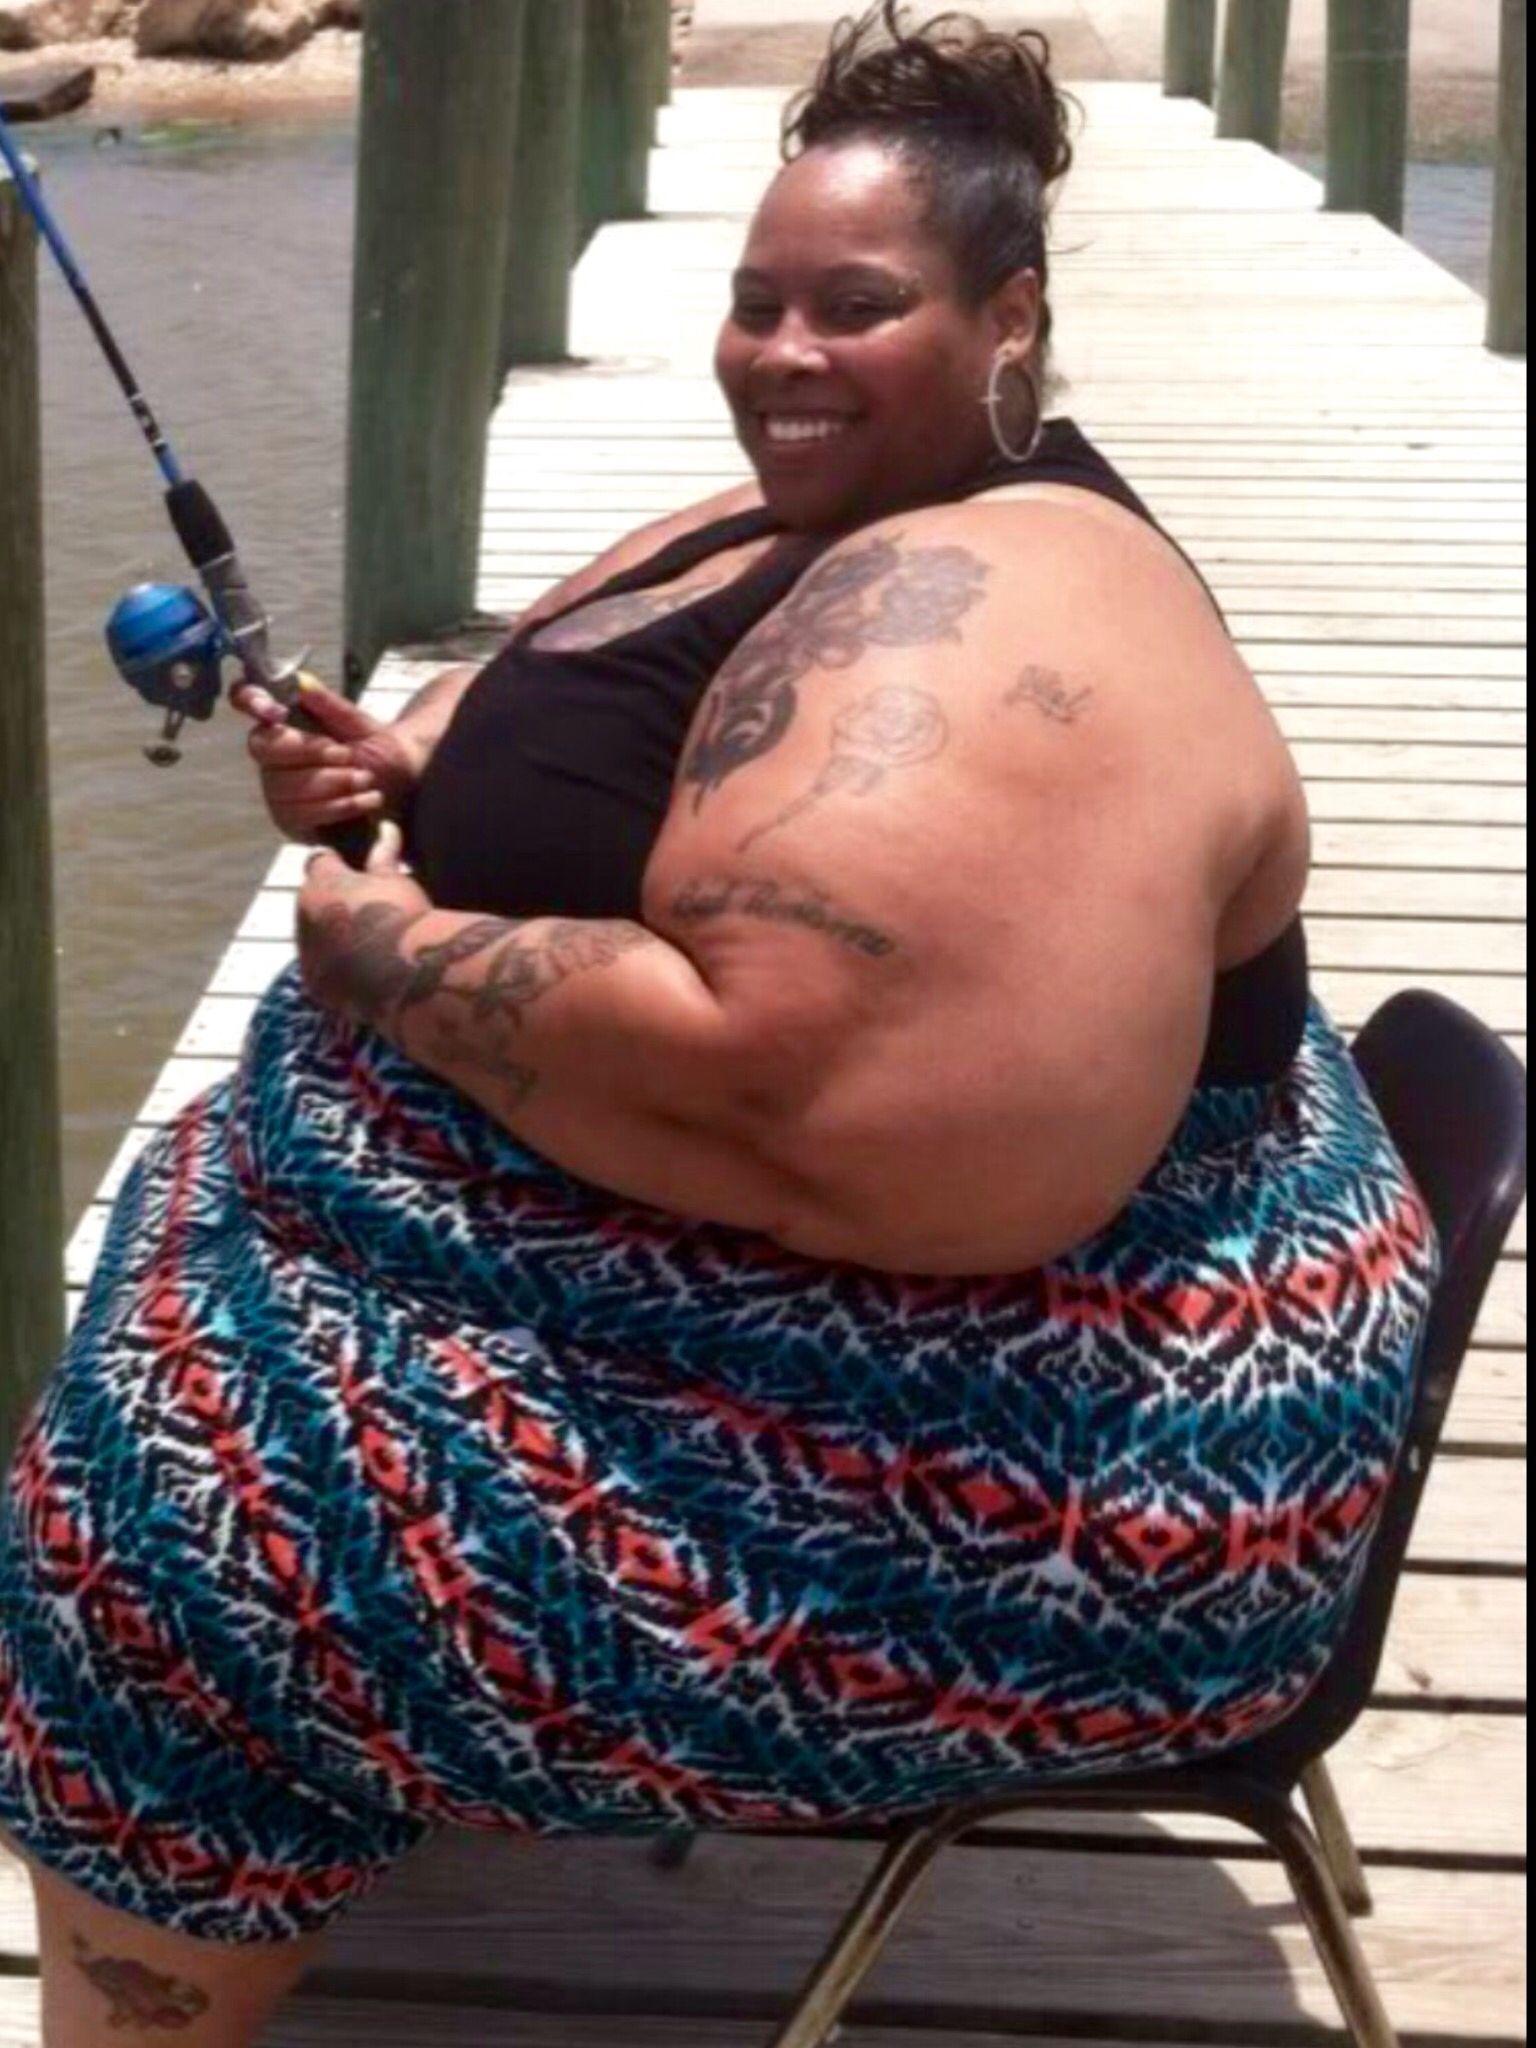 como se ve una mujer de 300 lb